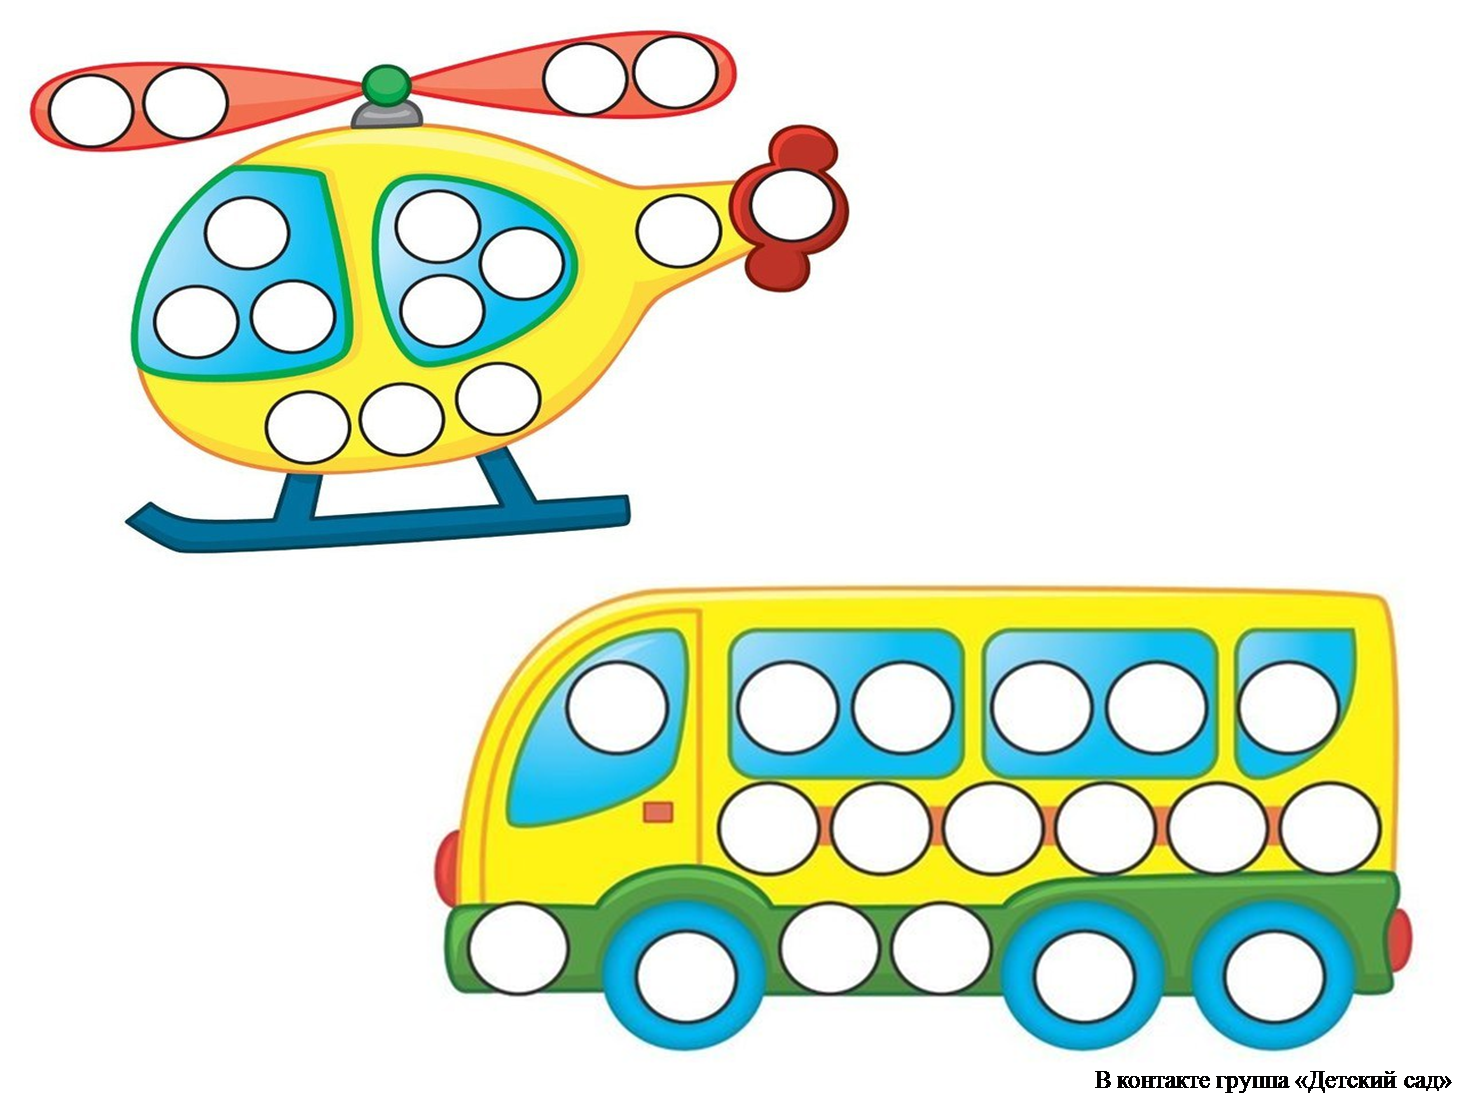 Машинки рисунки для детей распечатать для пластилина